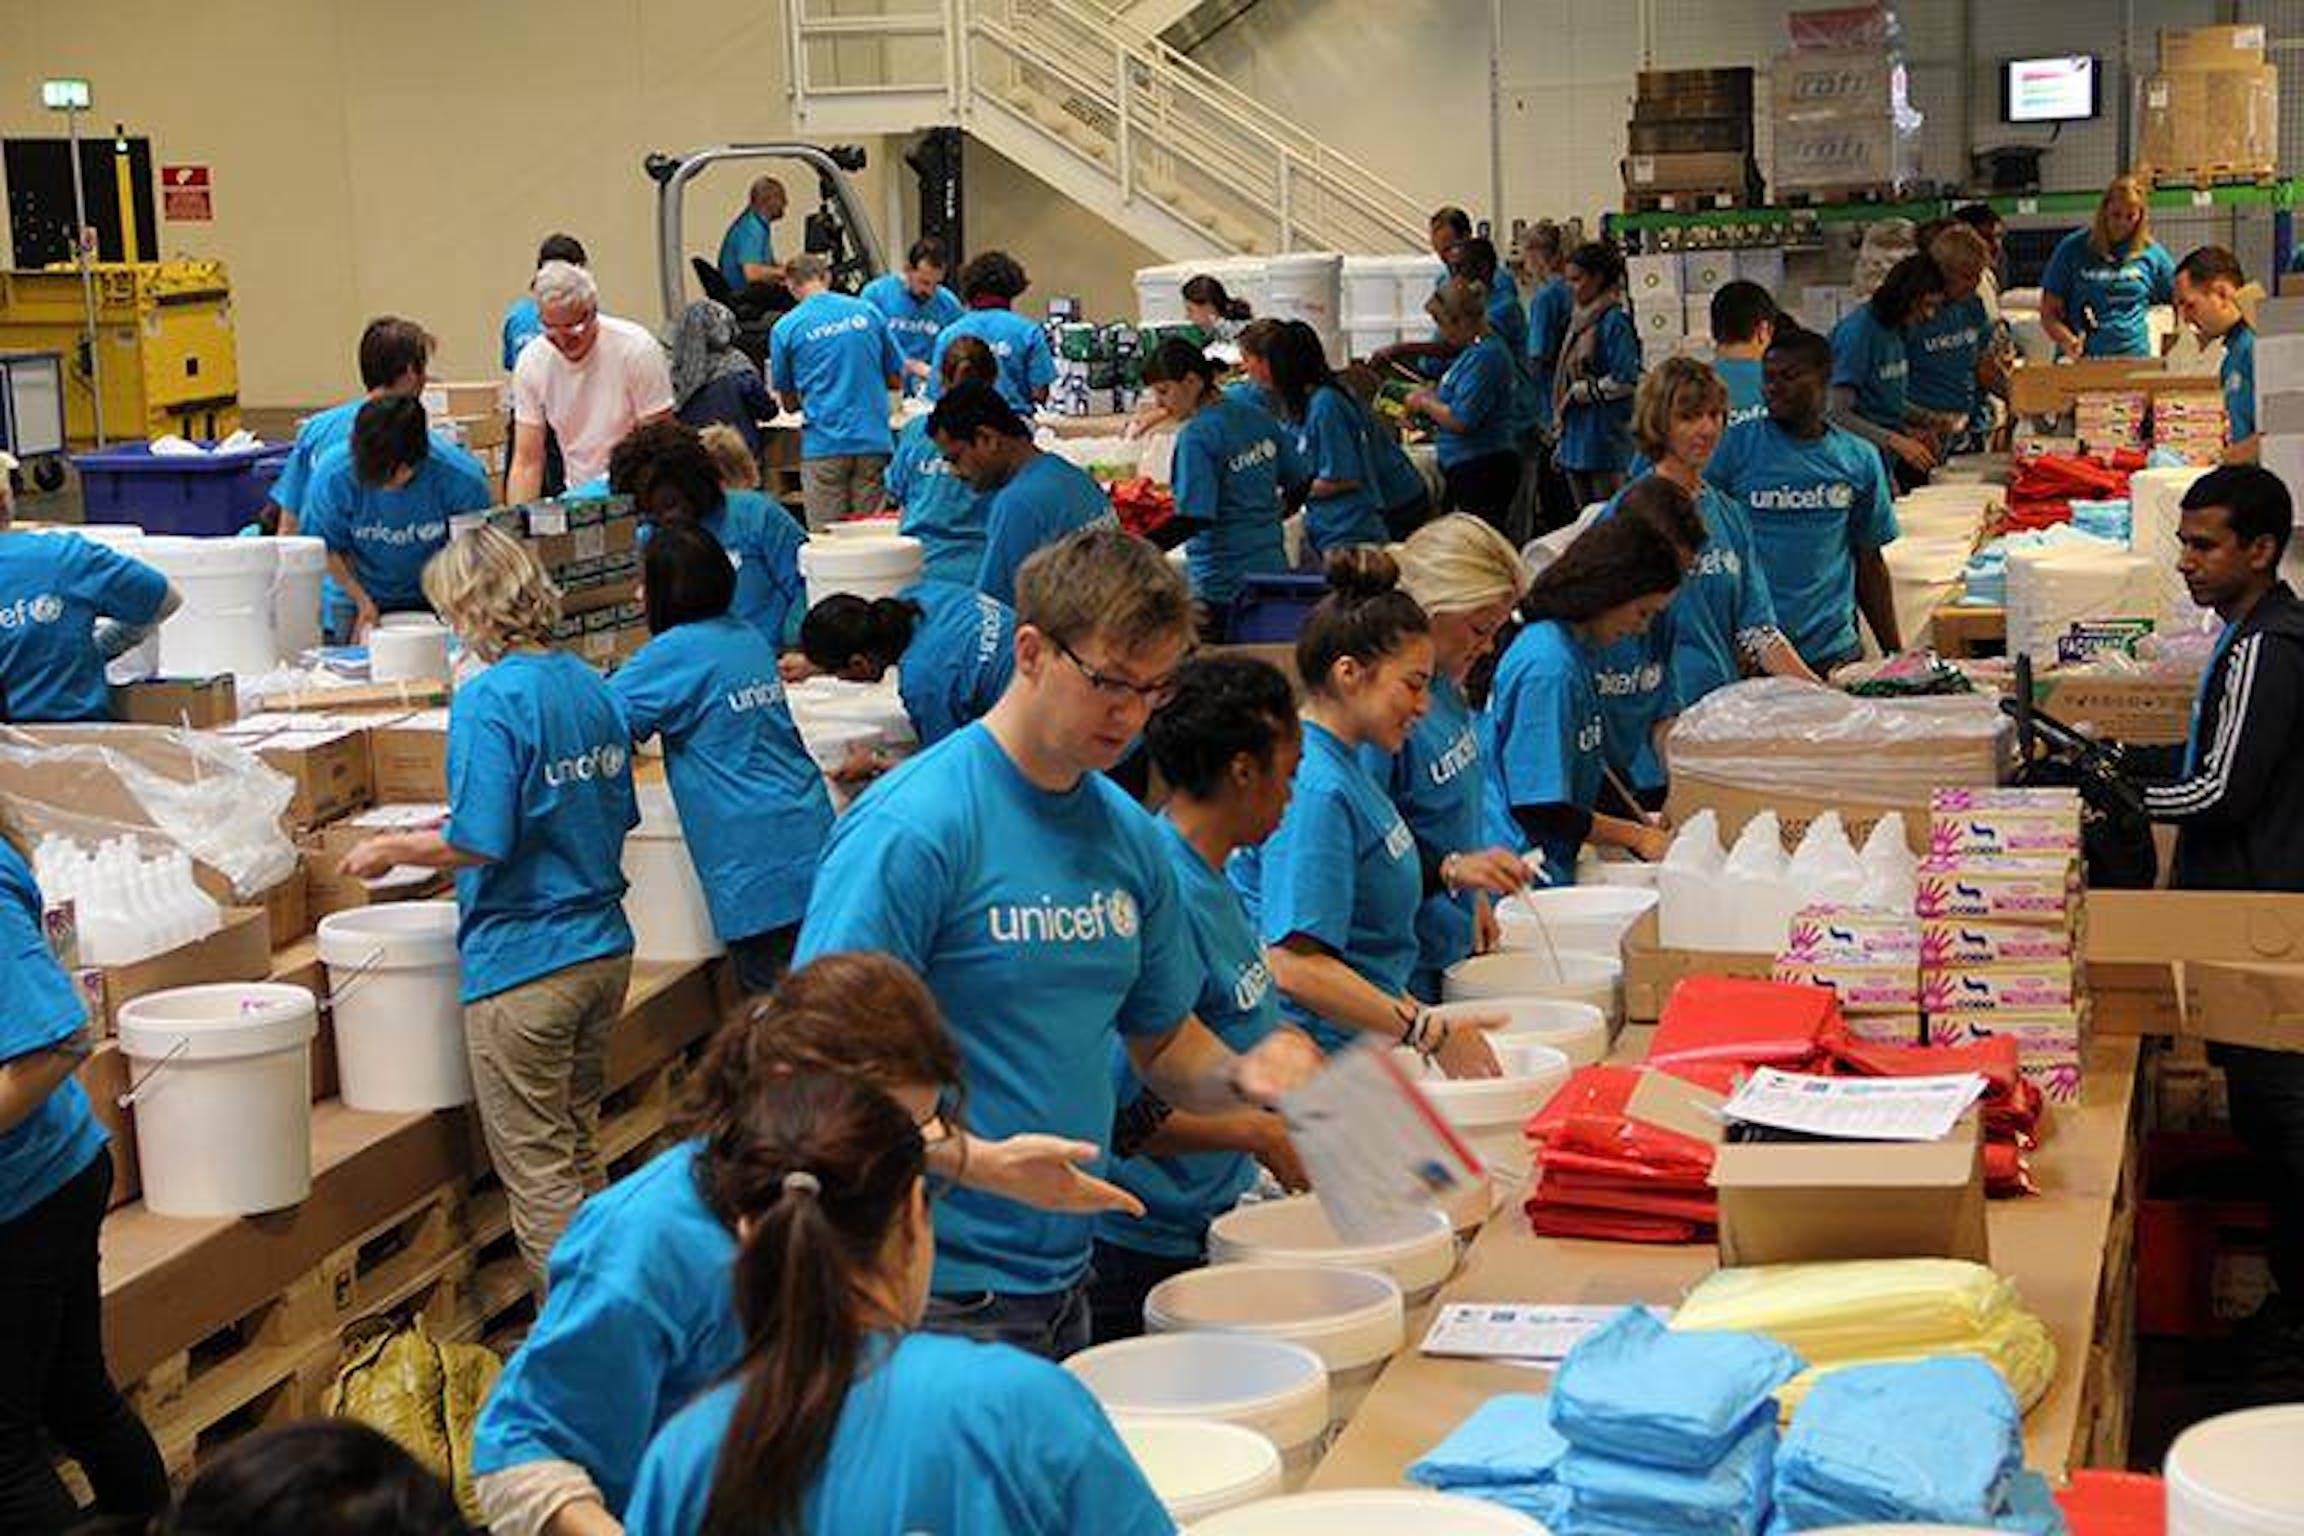 Staff e volontari della UNICEF Supply Division a Copenaghen preparano i 100.000 kit di protezione dal virus Ebola per uso domestico da inviare in Africa: i primi 9.000 kit sono atterrati in Liberia - ©UNICEF/2014